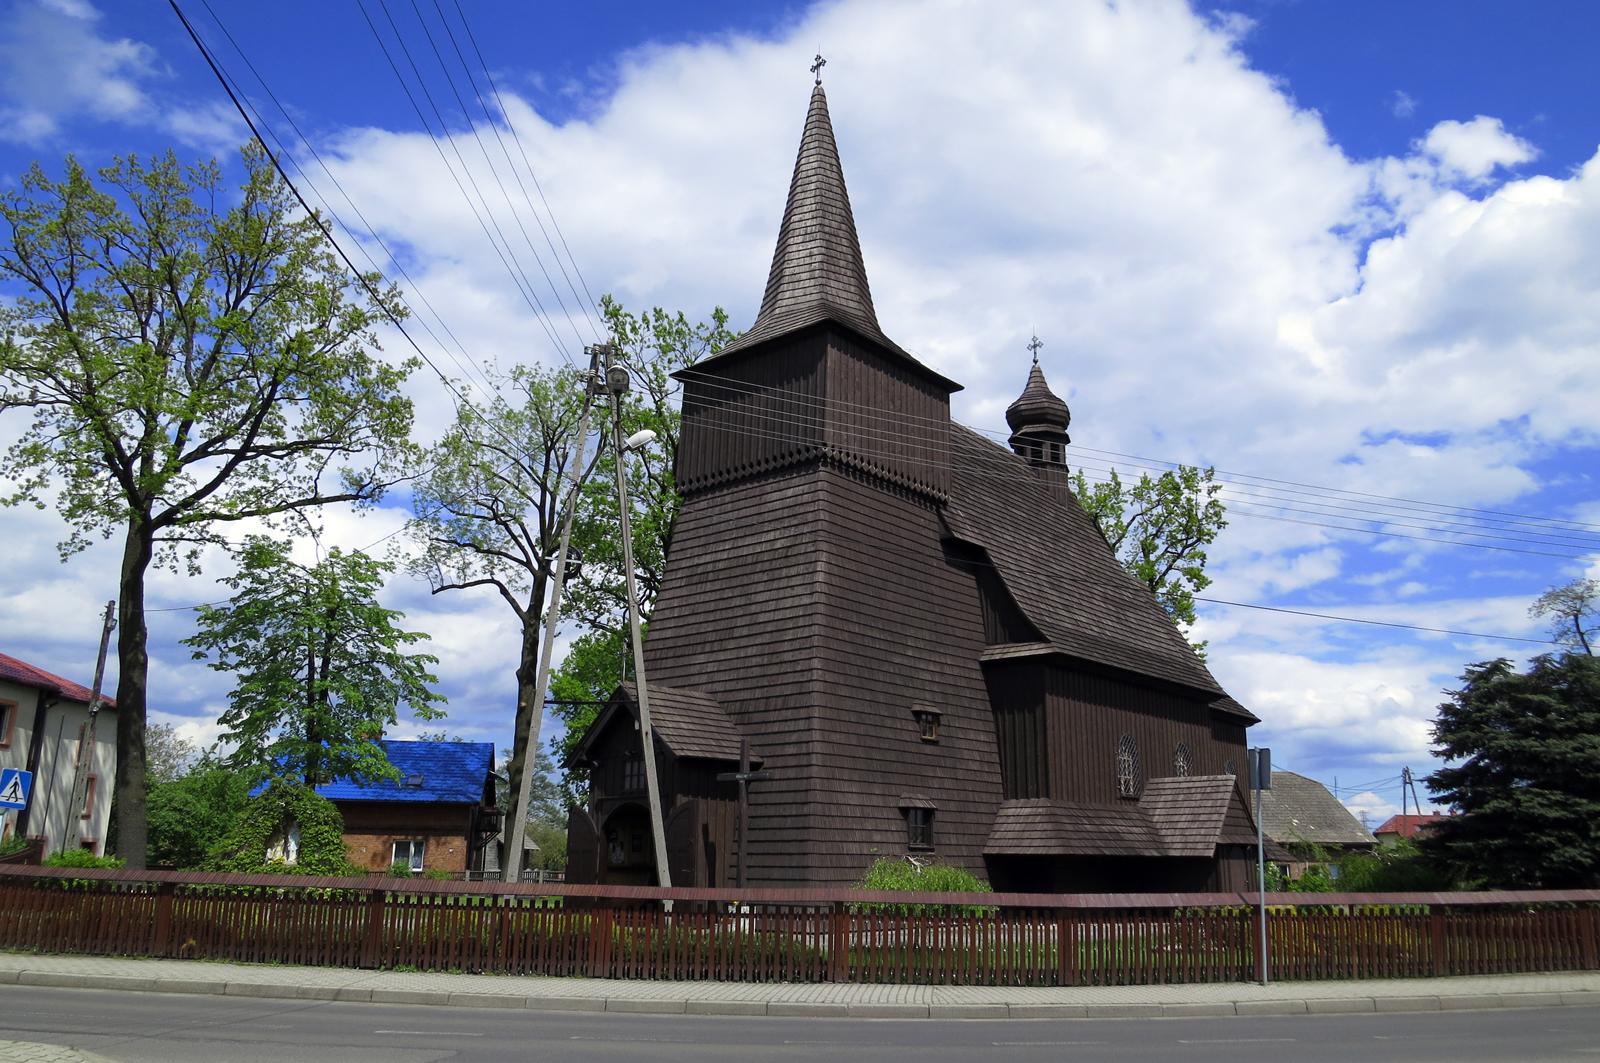 Wilcza - kościół Św. Mikołaja z 1755 roku